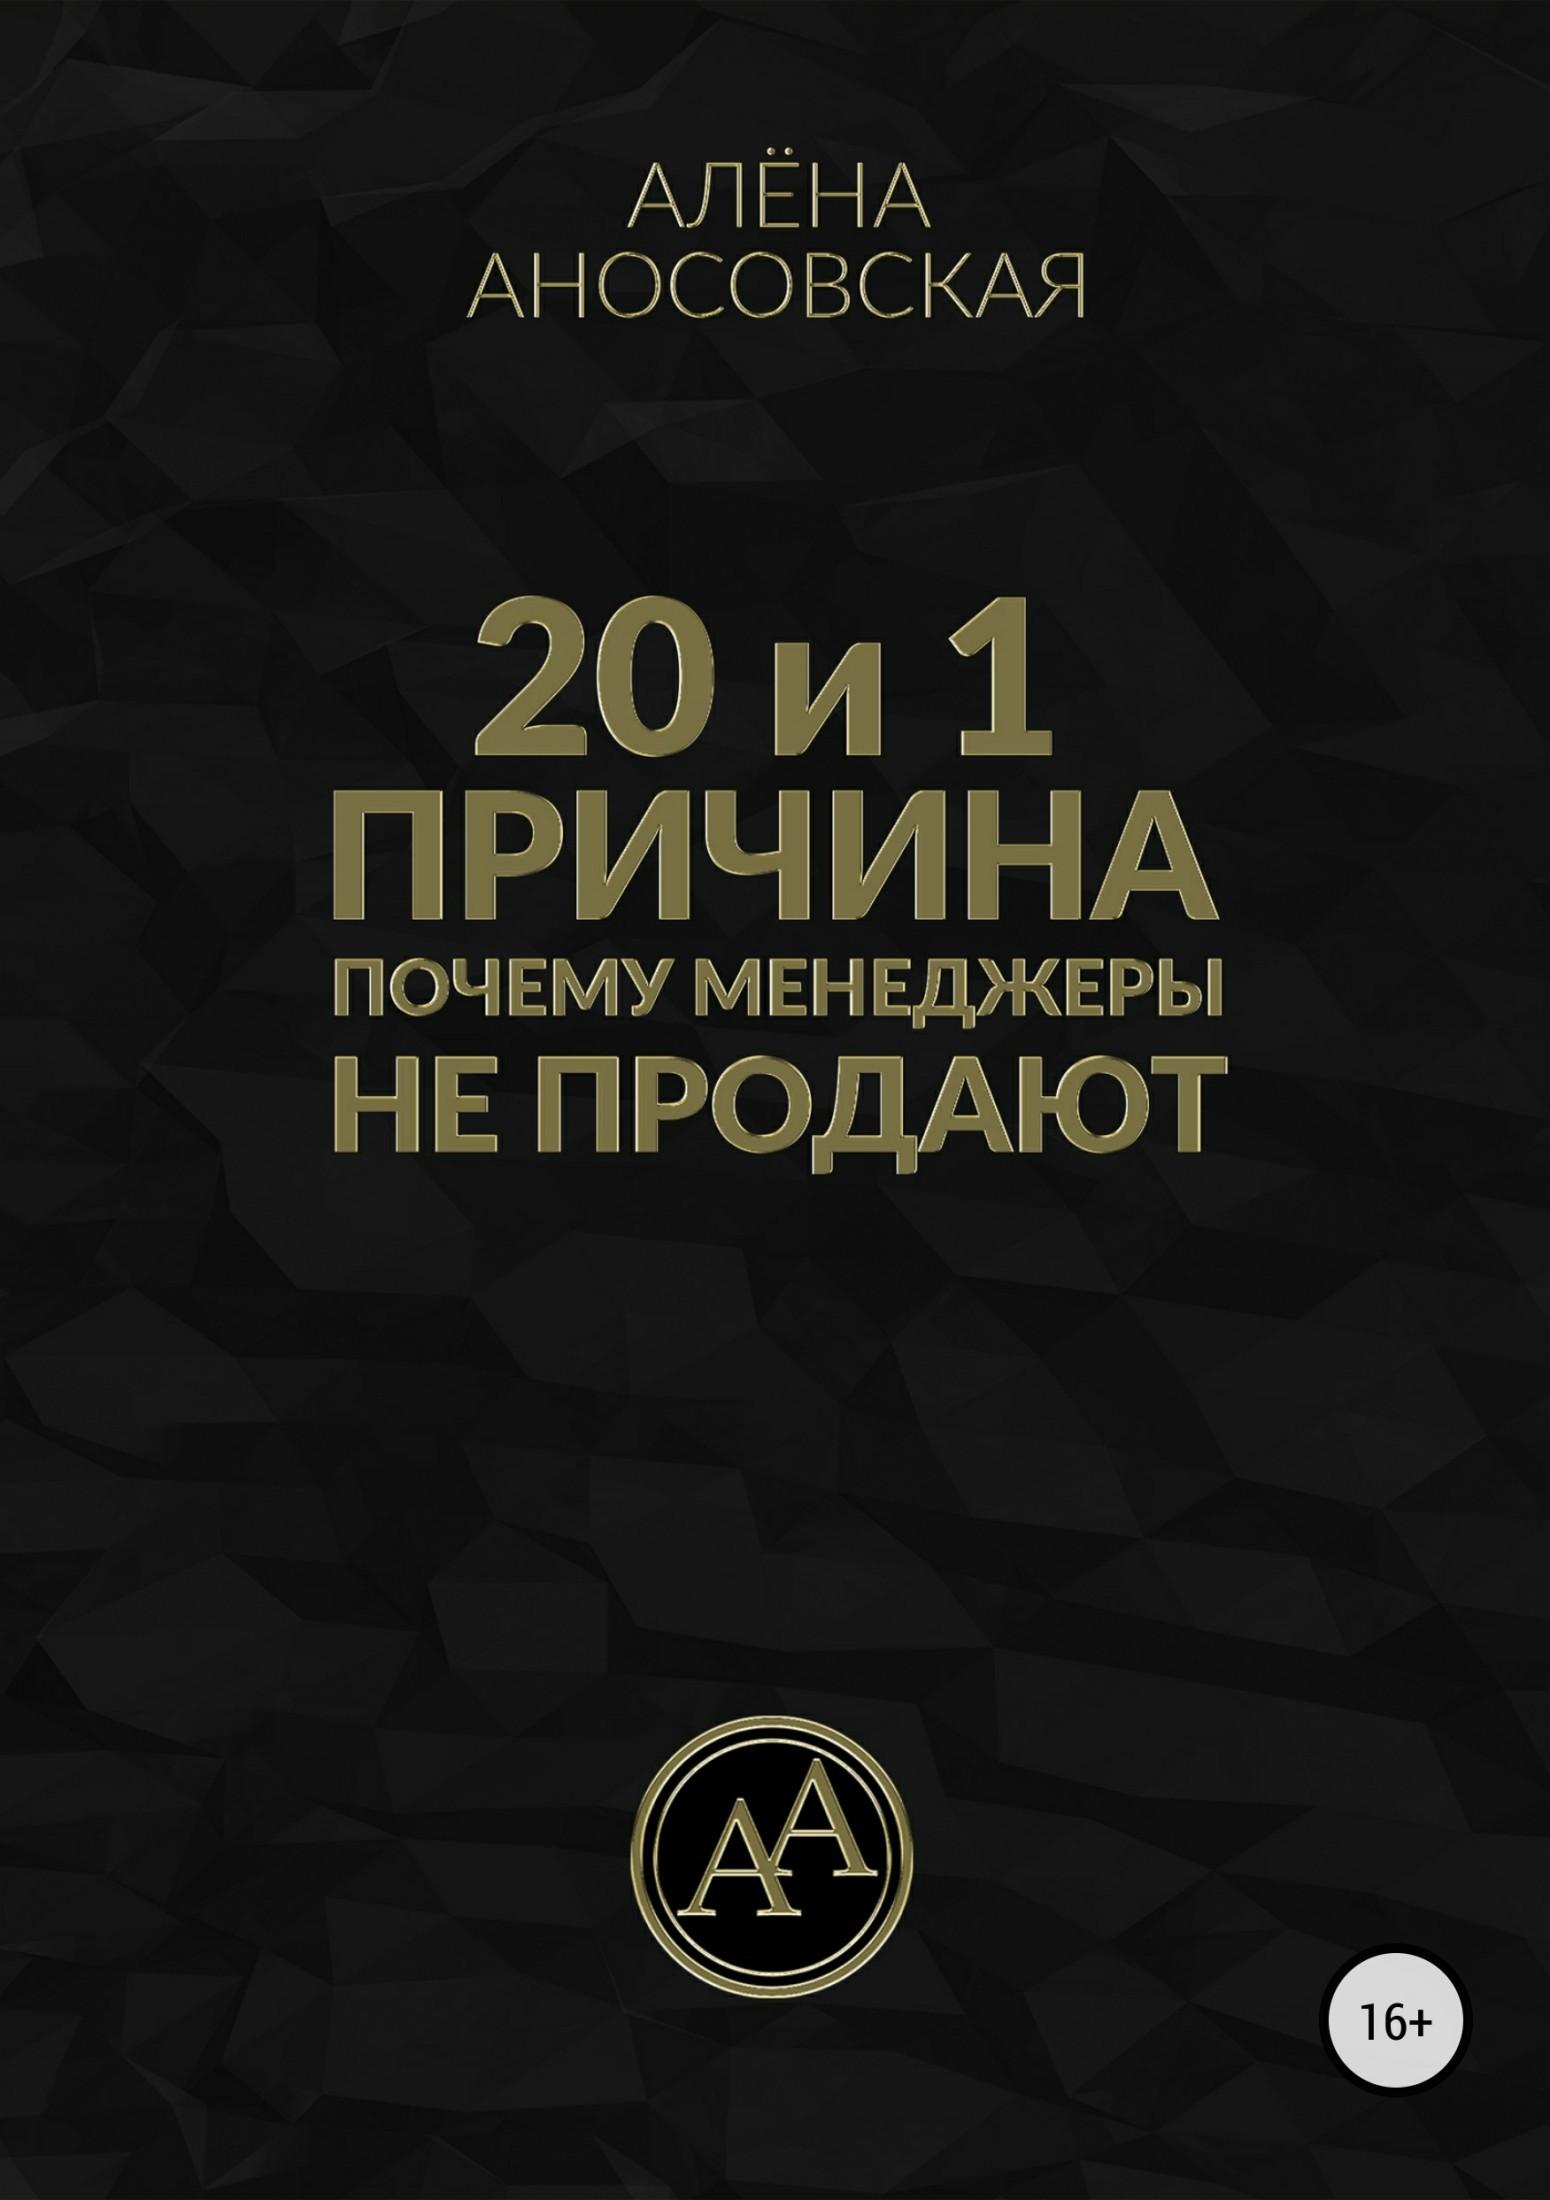 Обложка книги. Автор - Алёна Аносовская